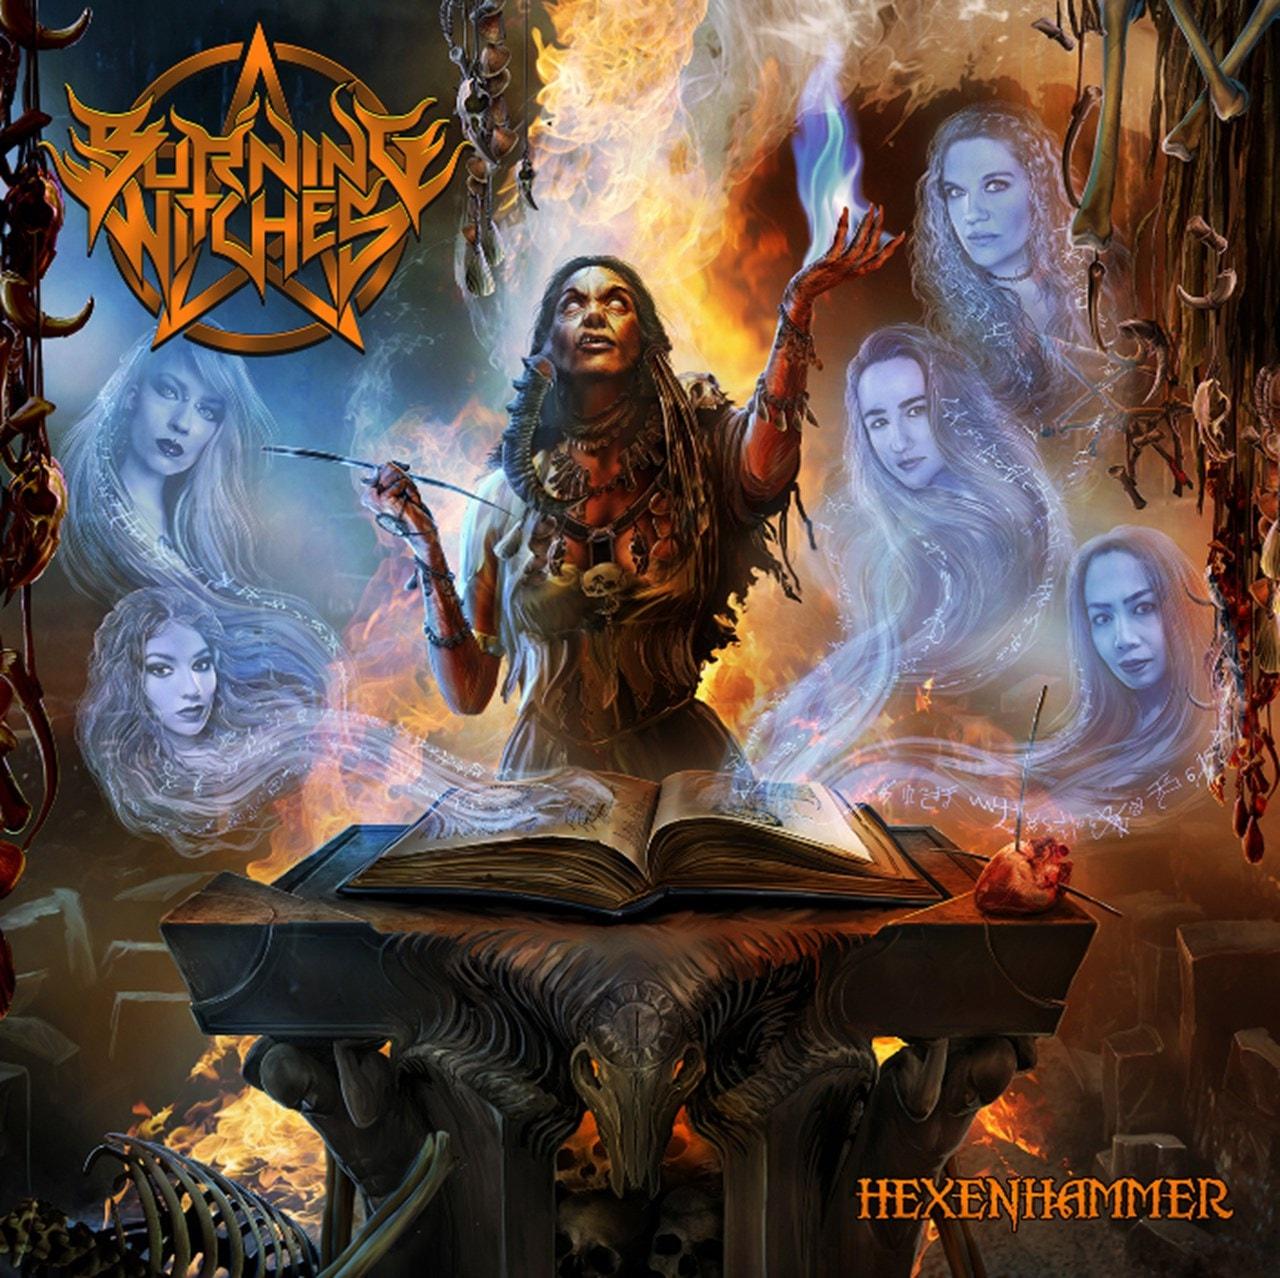 Hexenhammer - 1